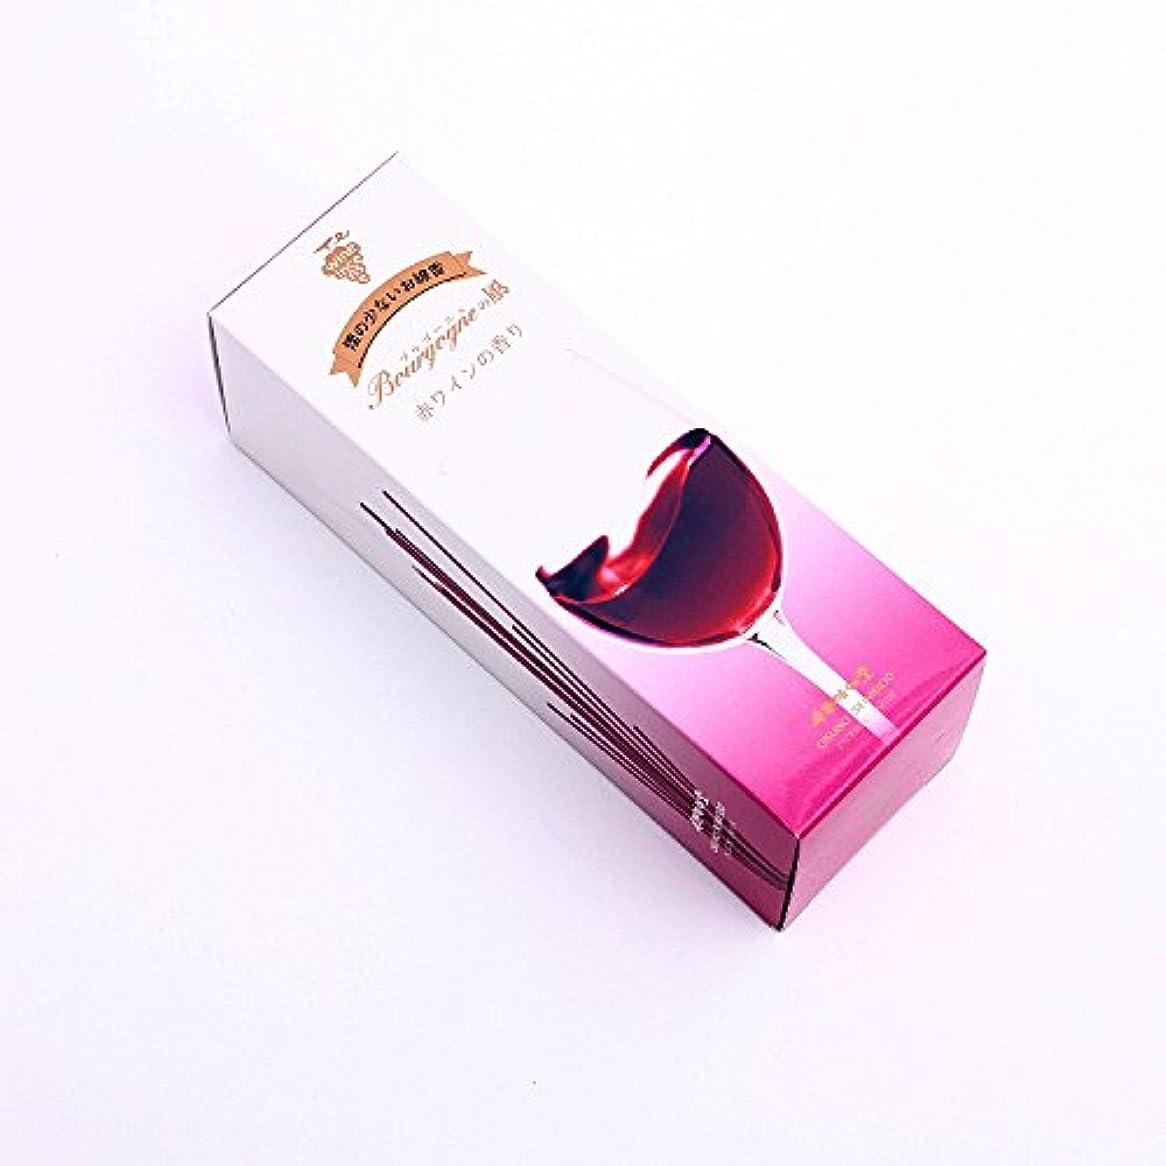 即席リーズトリップワインの香りのお線香 奥野晴明堂 Bourgogne(ブルゴーニュ)の風 赤ワインの香り 筒型1本入り 28-1 微煙タイプ